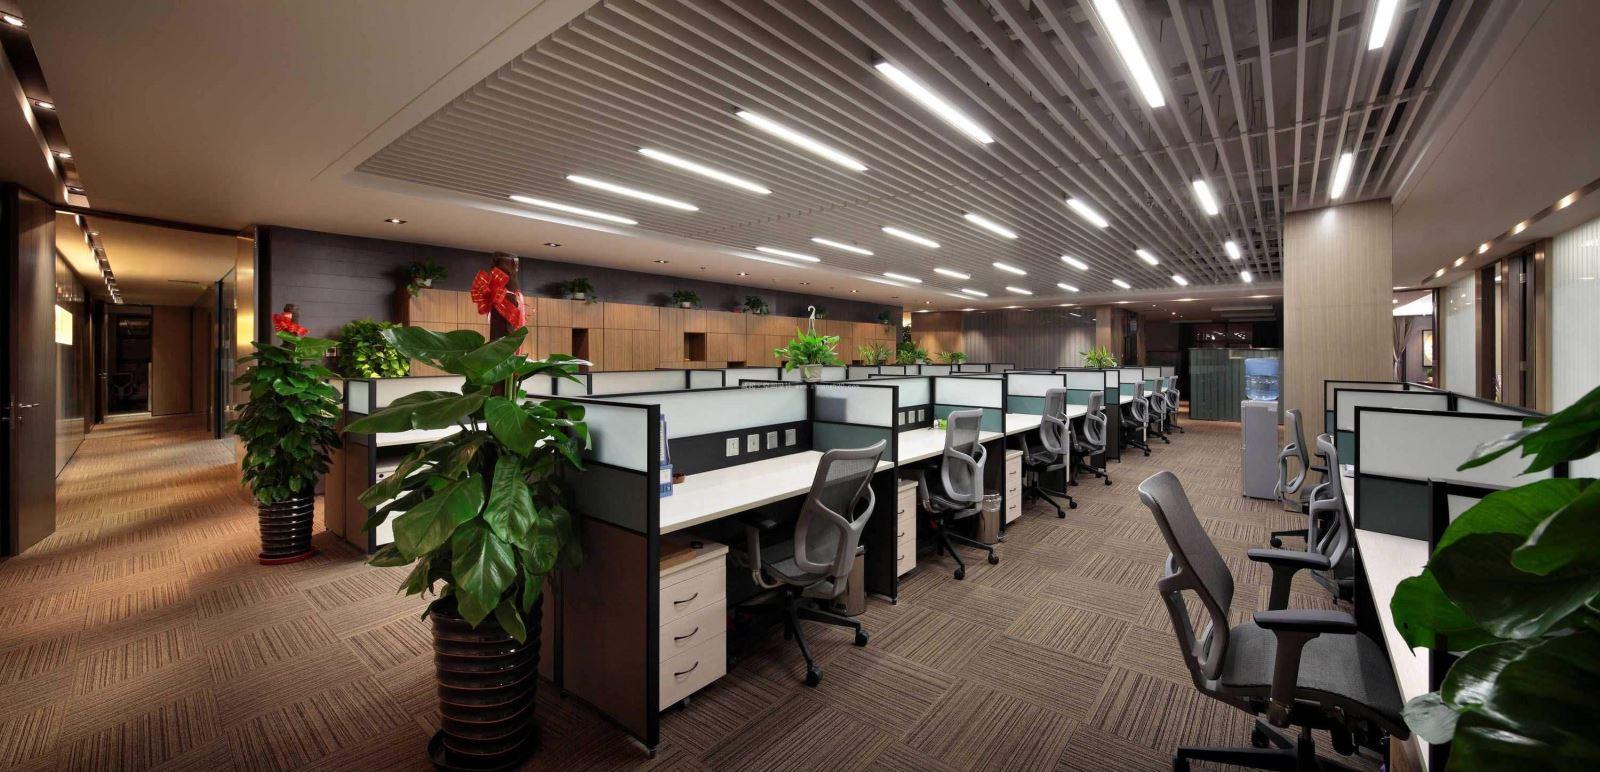 辦公室瓷磚